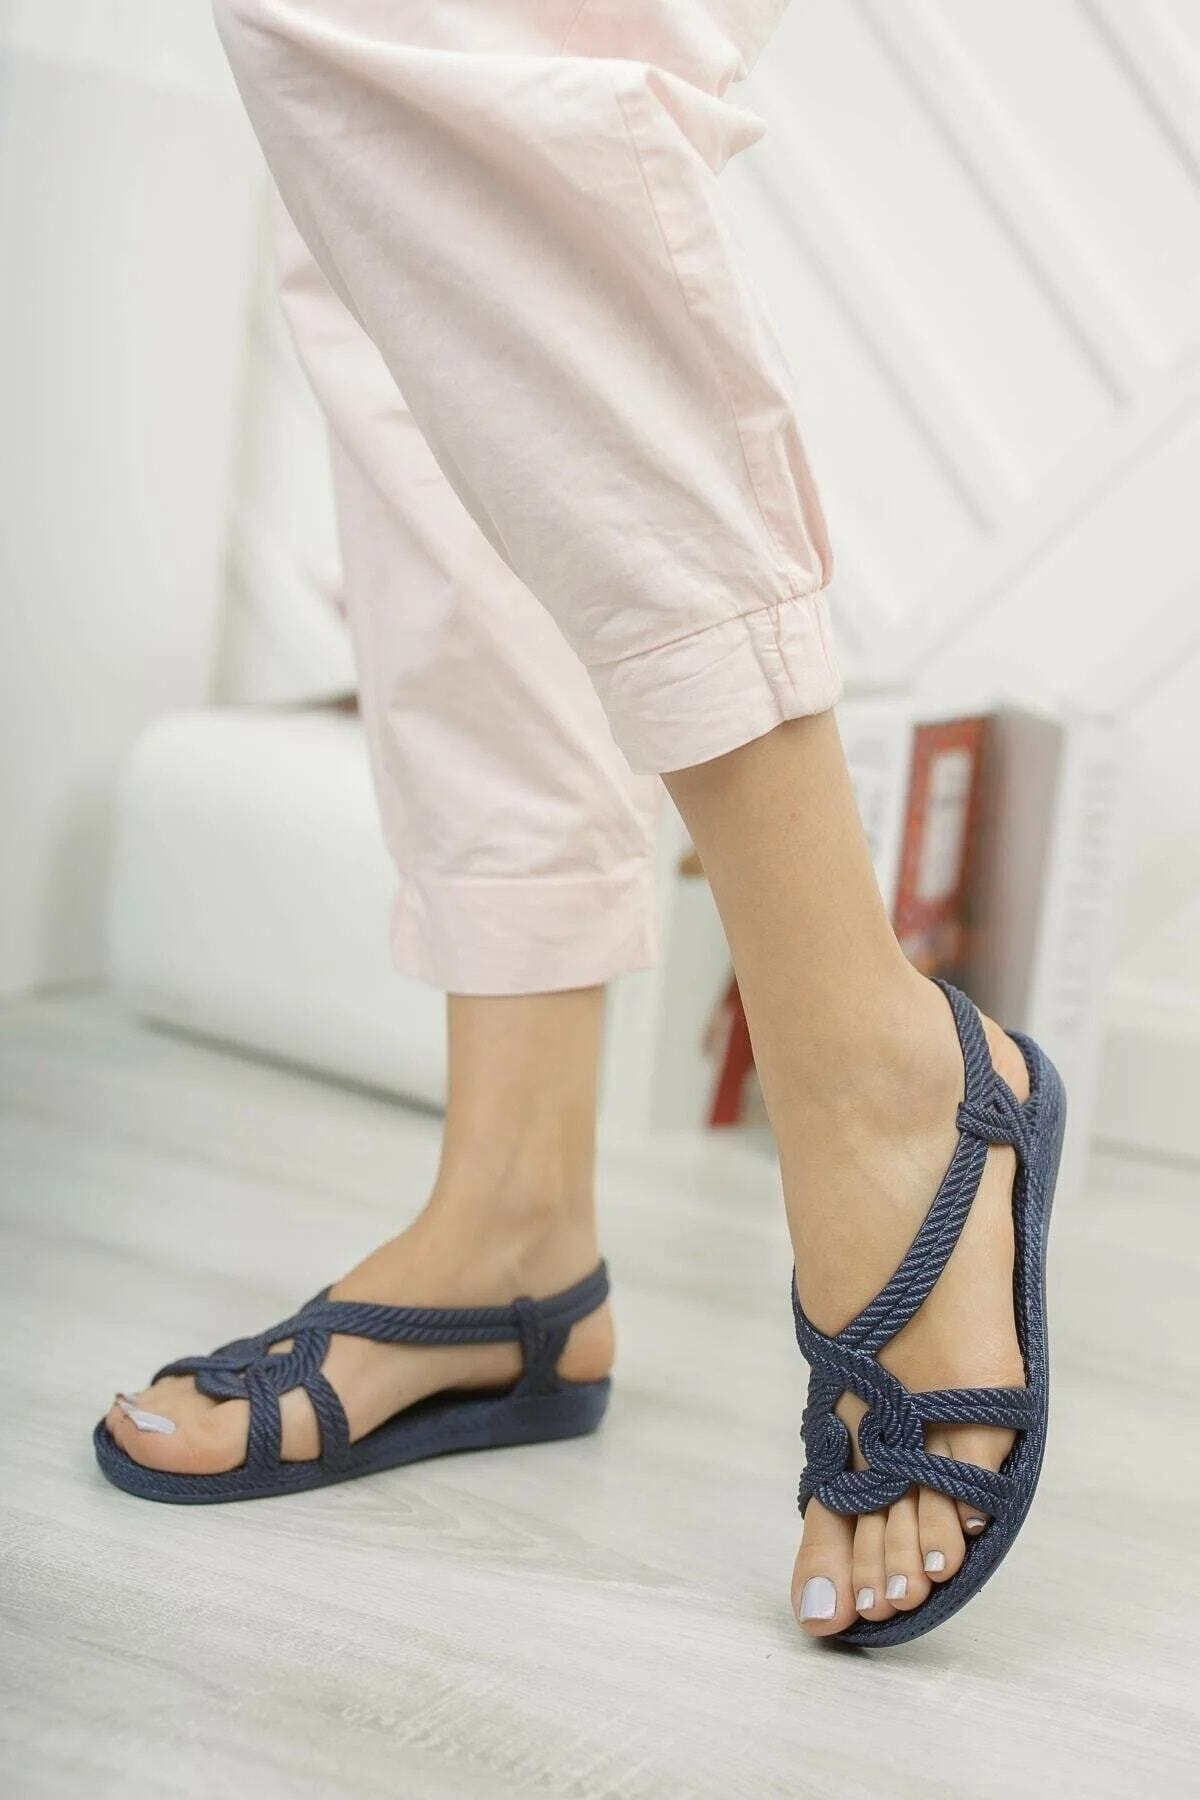 Halat Desenli Kaymaz Taban Lacivert Yazlık / Plaj / Deniz Kadın Sandalet Terlik